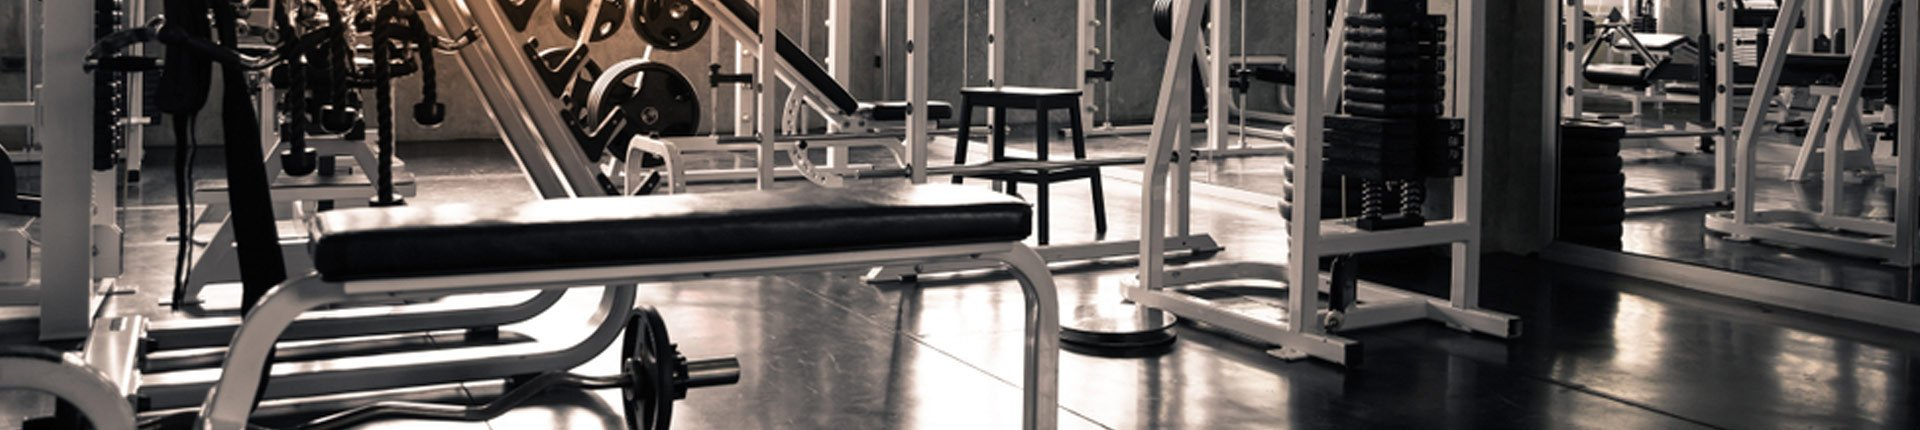 Ile czasu wirus przetrwa na przedmiotach i sprzęcie treningowym na siłowni?